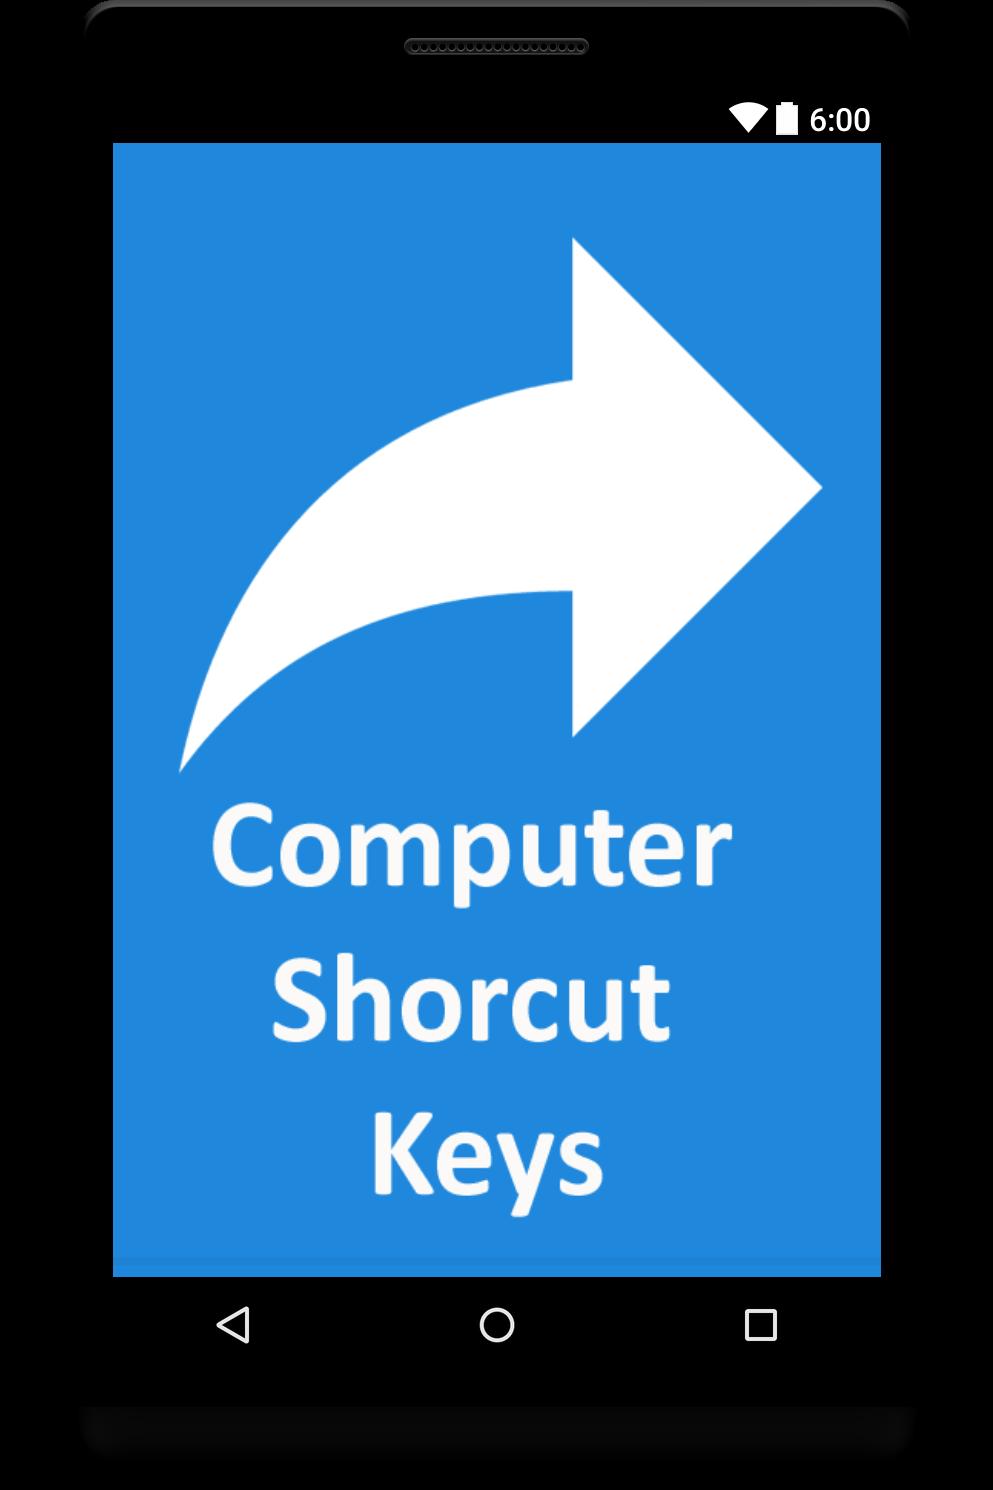 Computer Shortcut Keys Pro